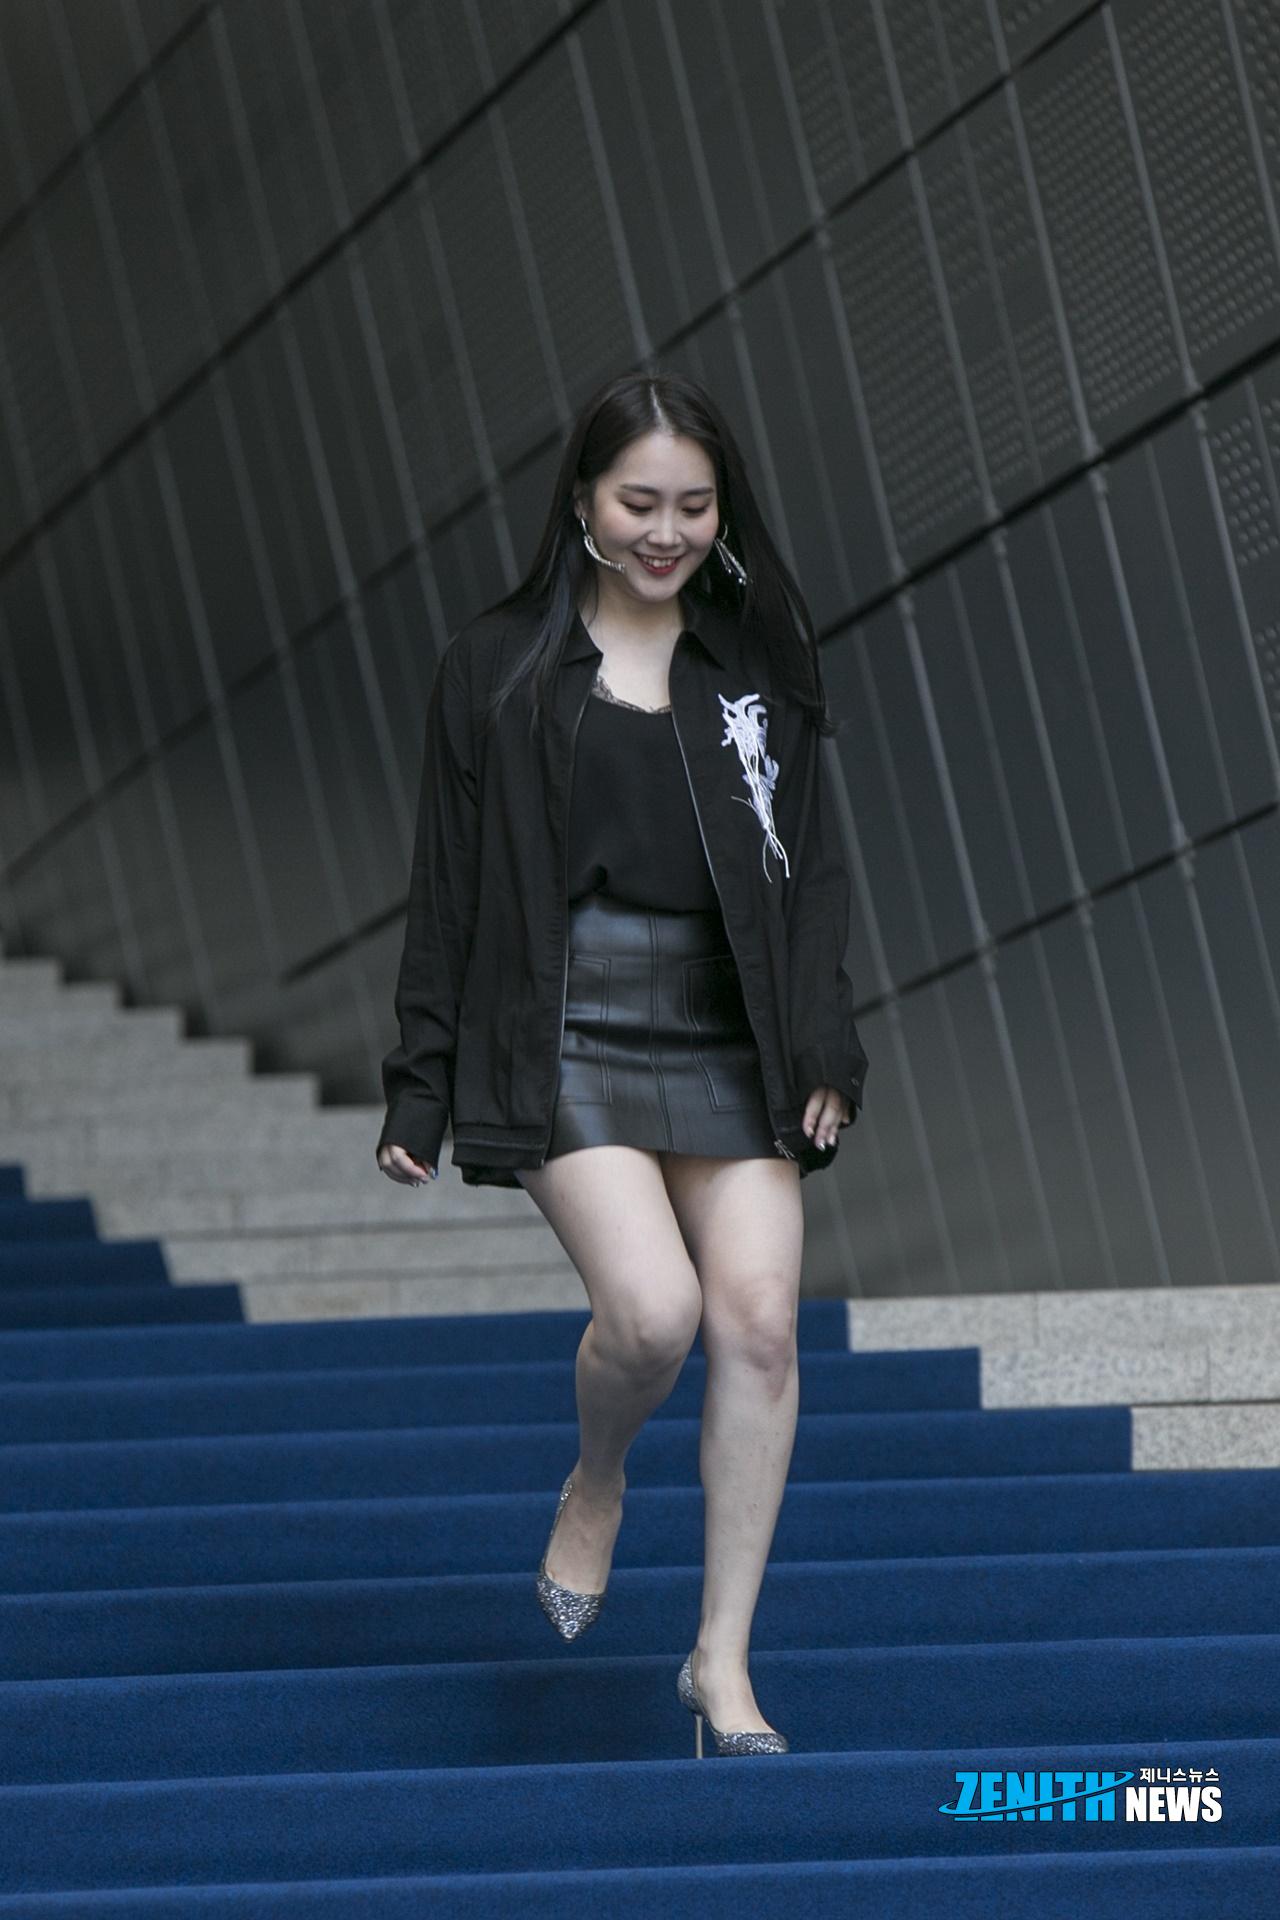 김경표 - 김세린